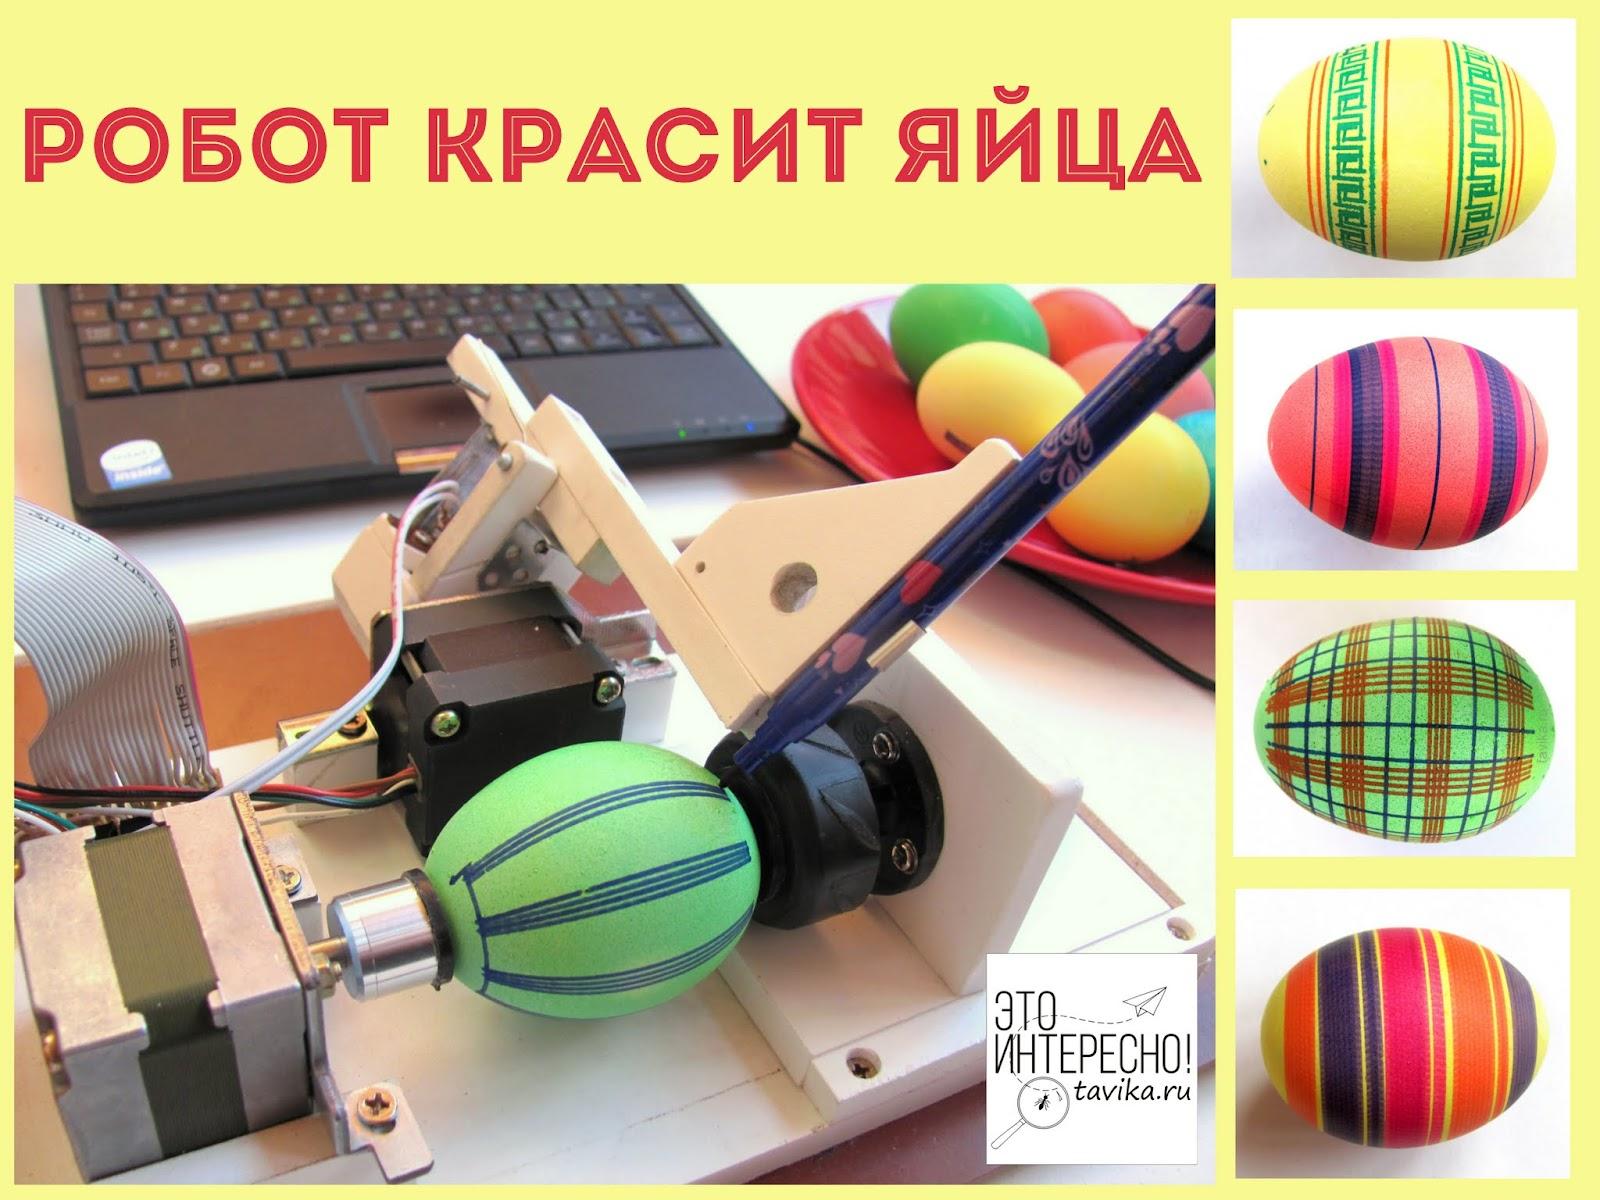 Поделки к Пасхе - робот для раскрашивания яиц